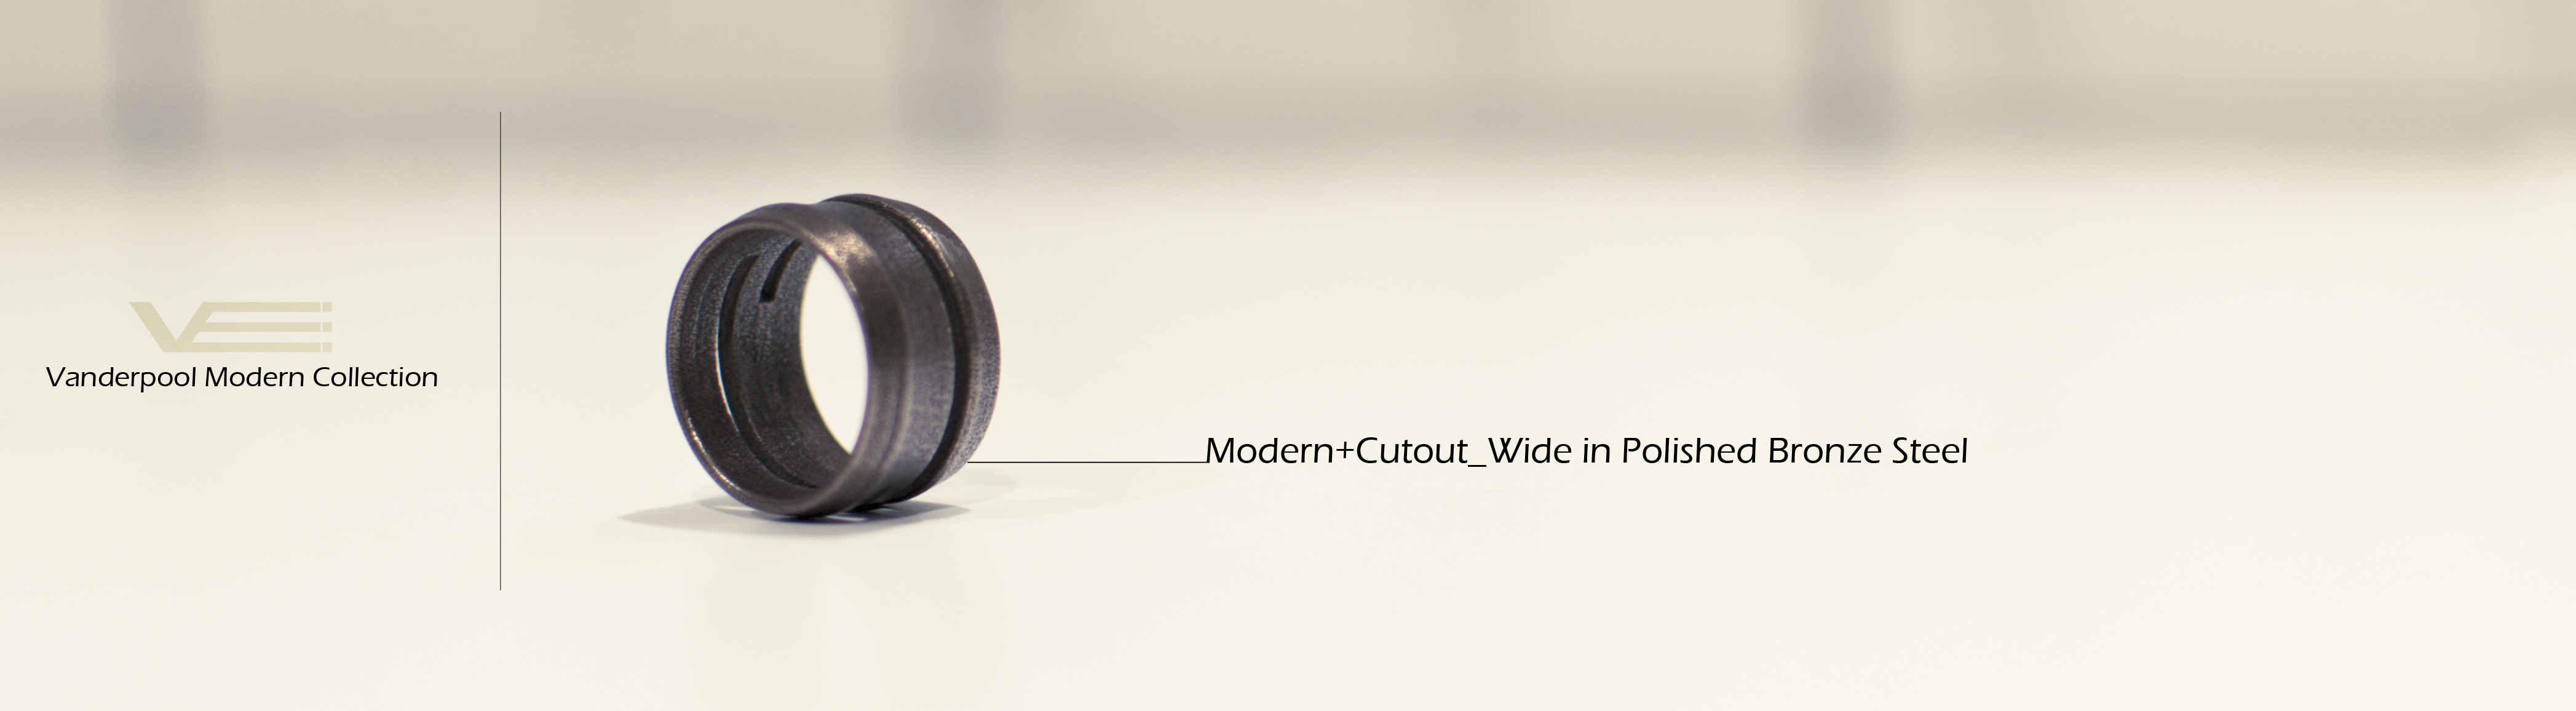 Modern+Cutout_wide